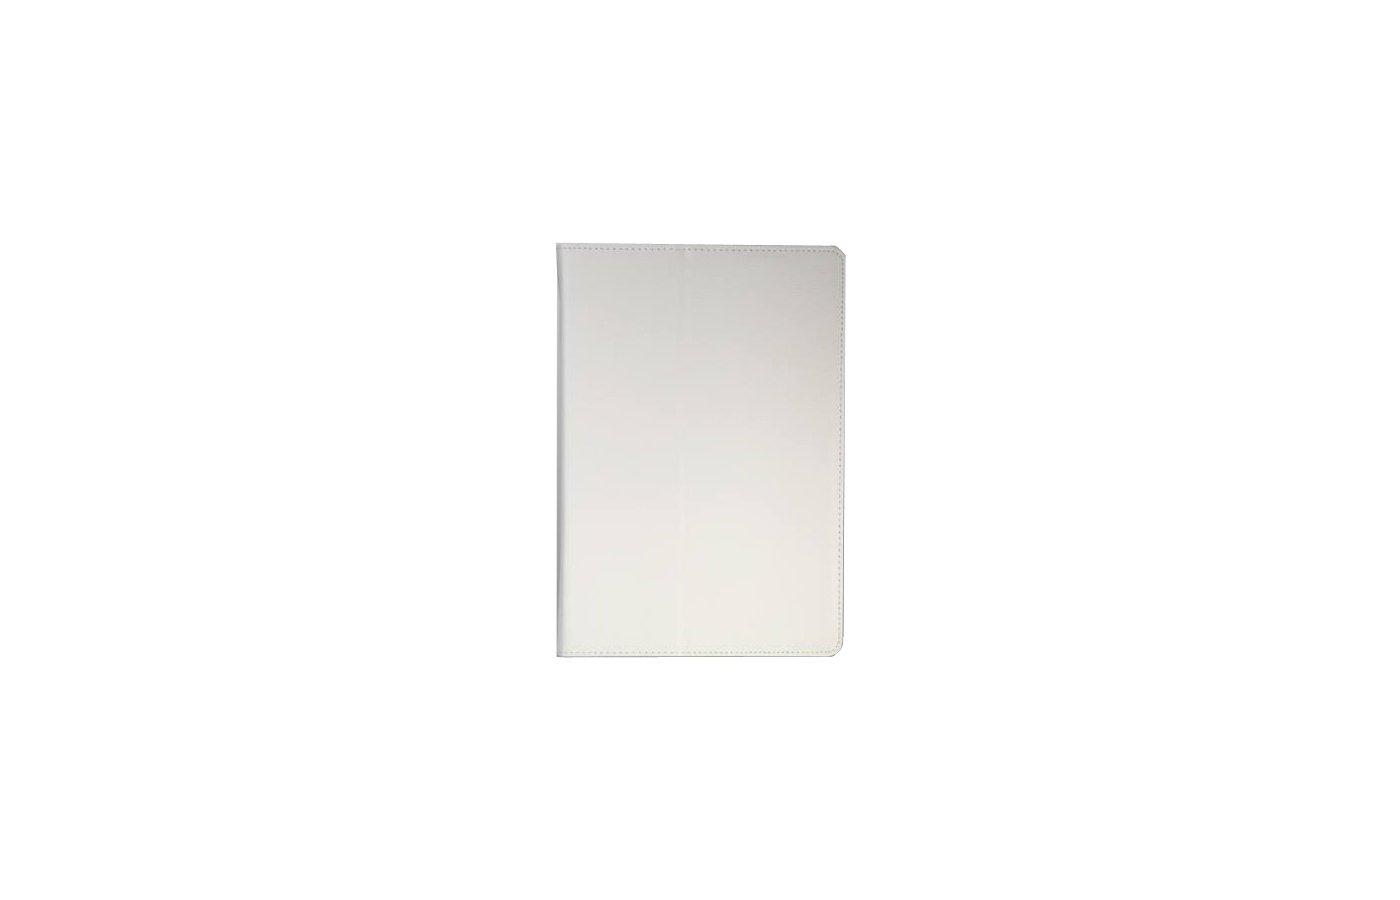 Чехол для планшетного ПК IT BAGGAGE для ASUS MeMO Pad 10 ME103K искус. кожа белый